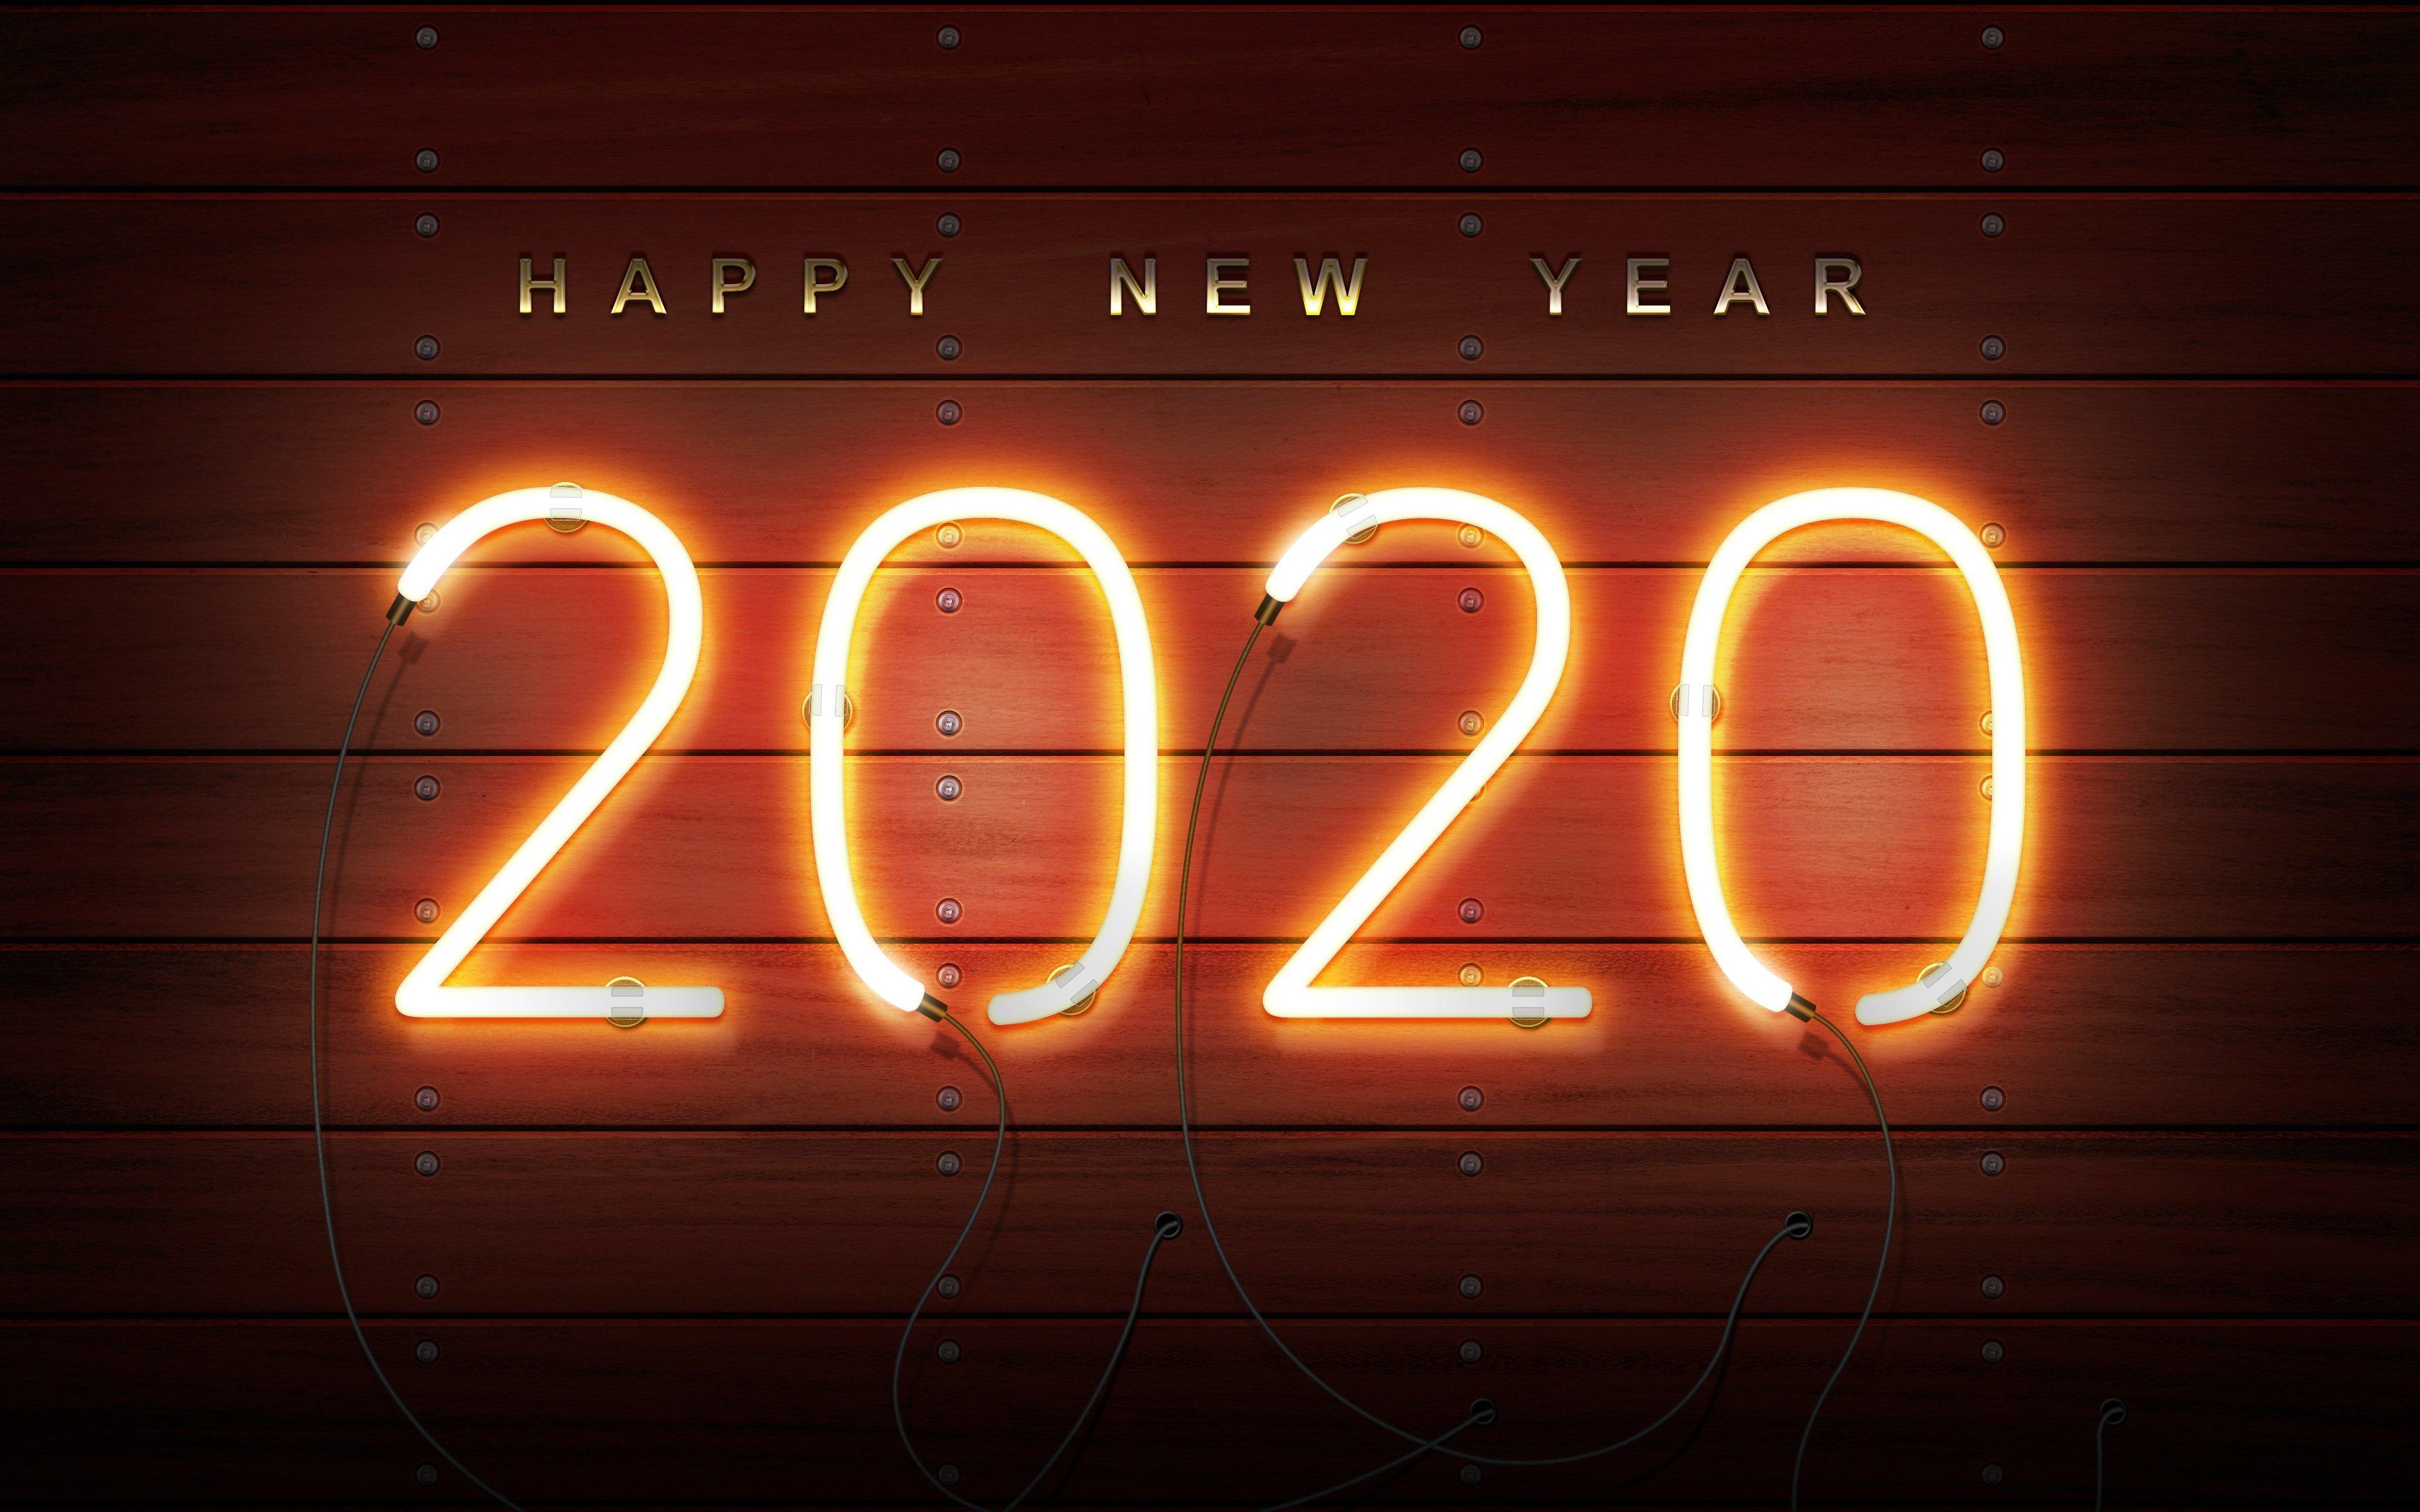 Fondos de pantalla Año nuevo 2020